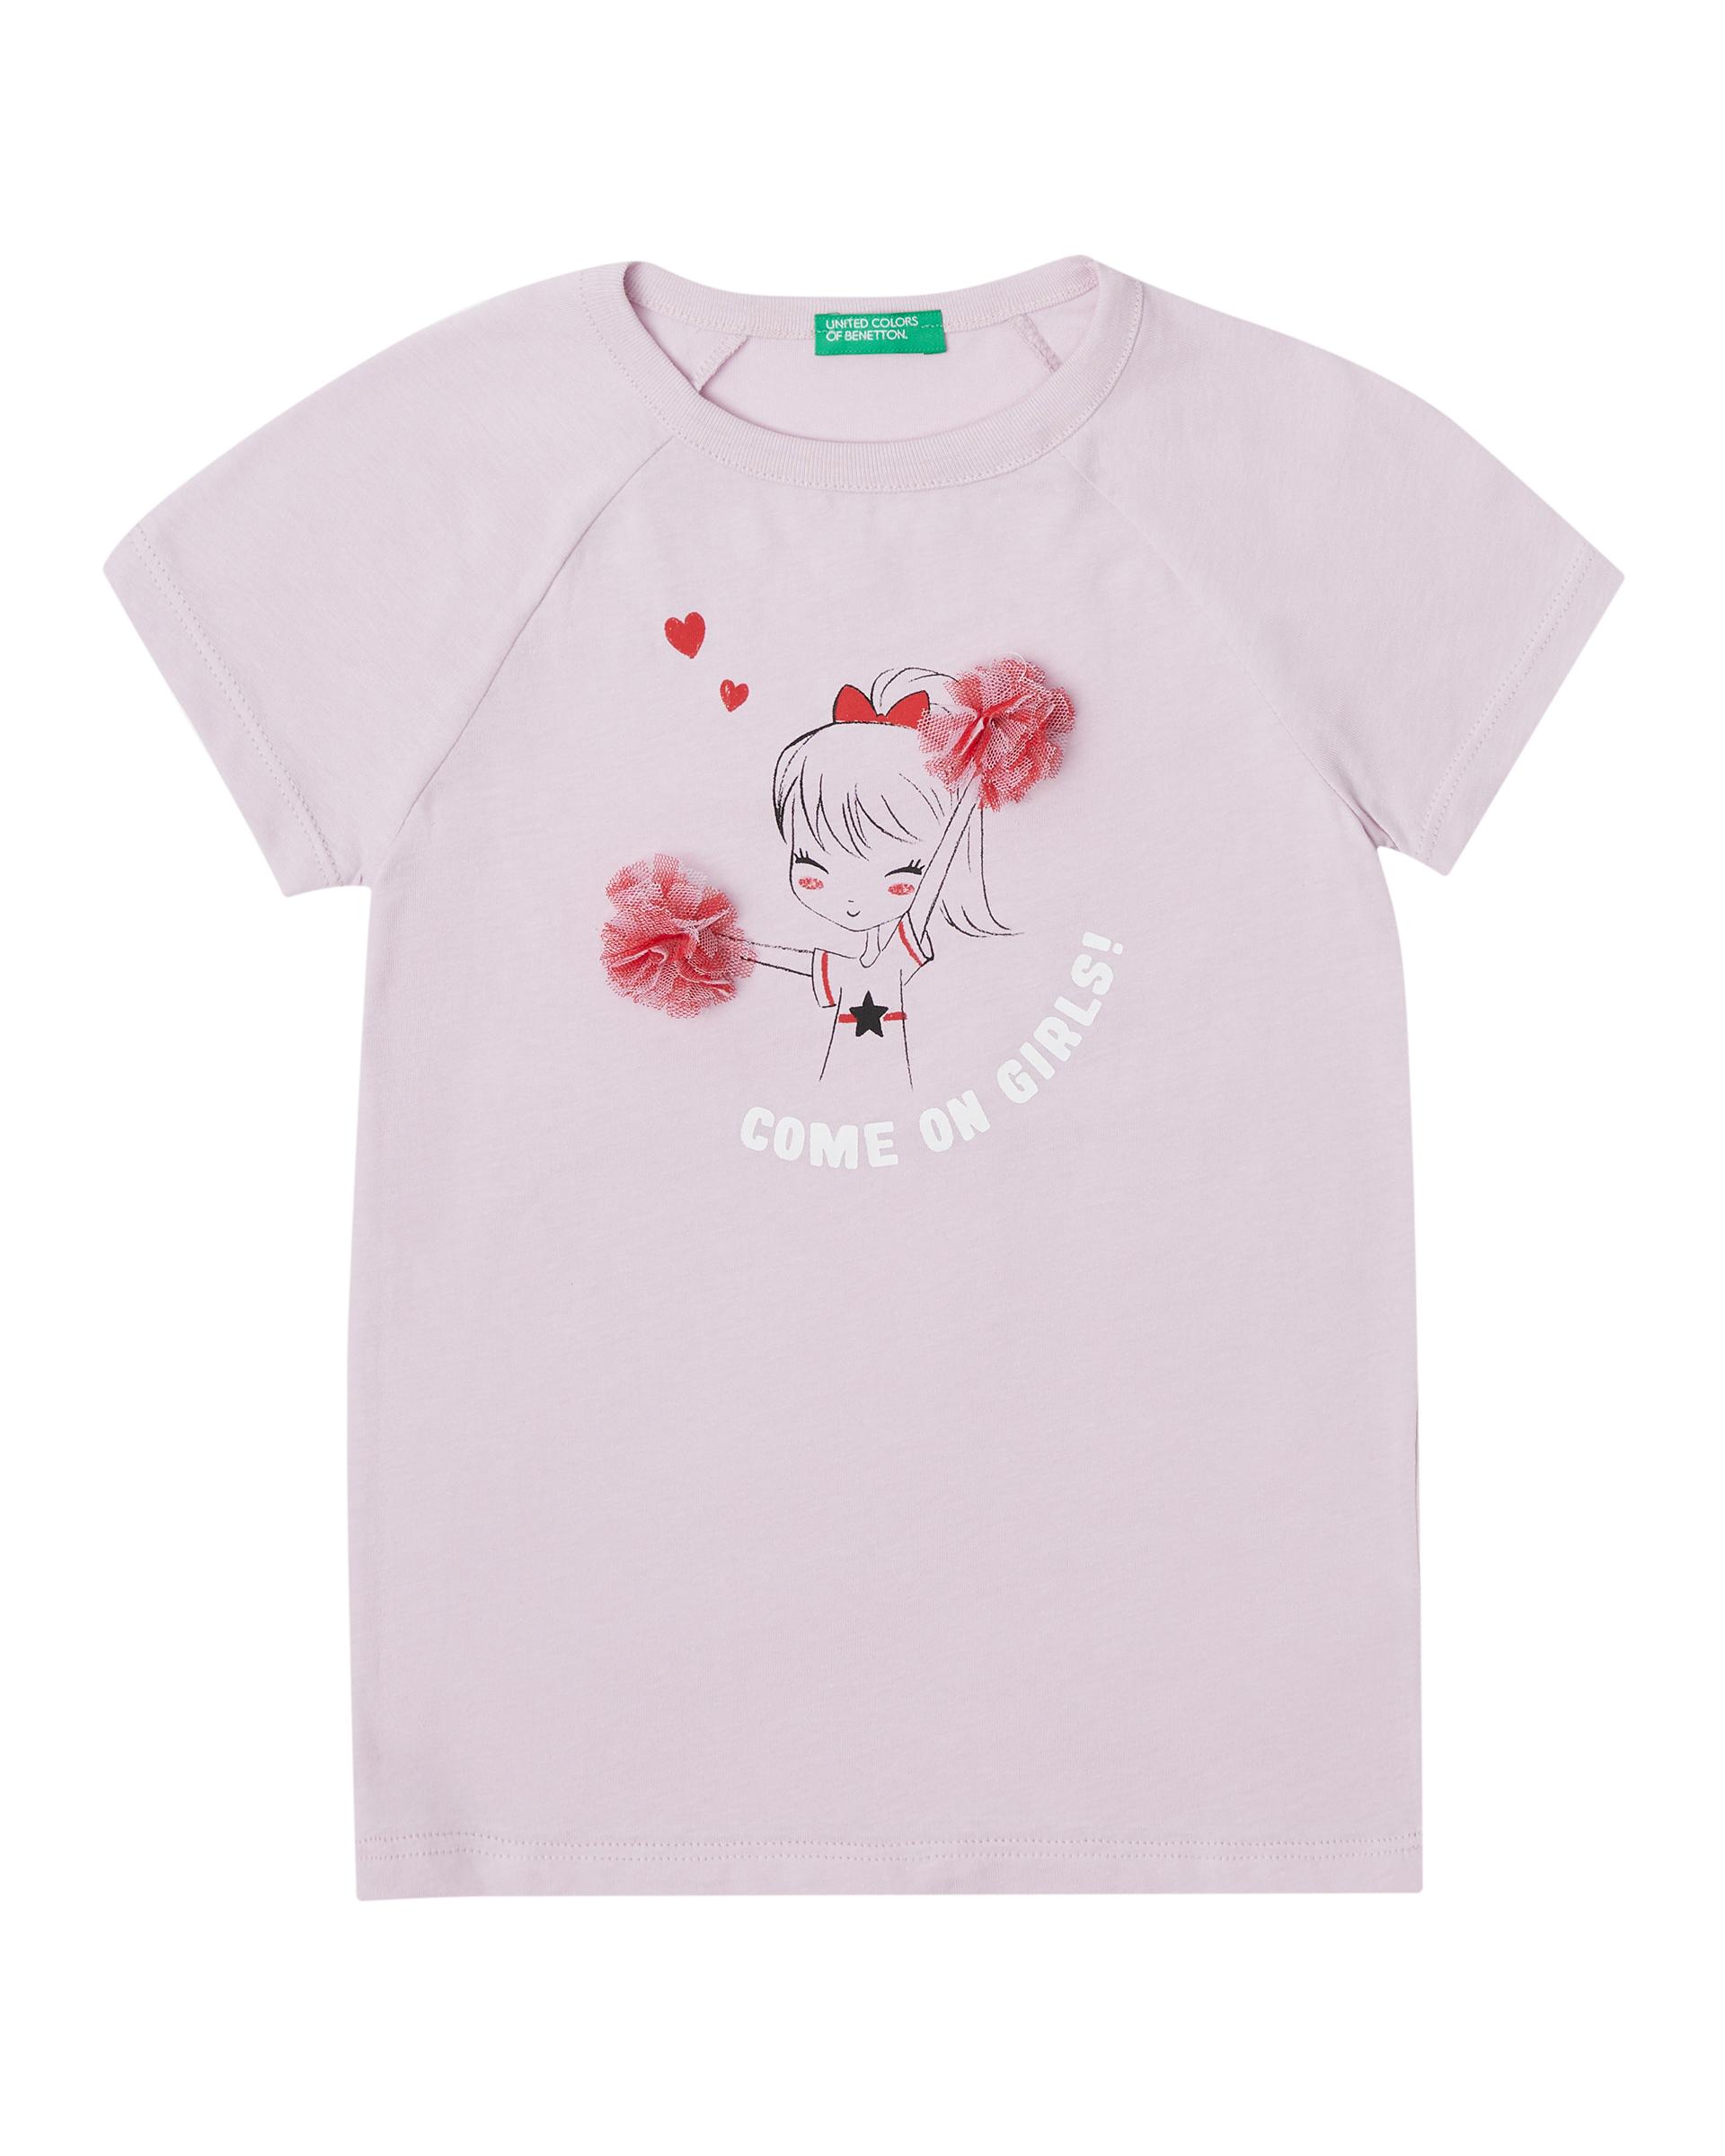 Купить 20P_3096C1APP_07M, Футболка для девочек Benetton 3096C1APP_07M р-р 80, United Colors of Benetton, Кофточки, футболки для новорожденных